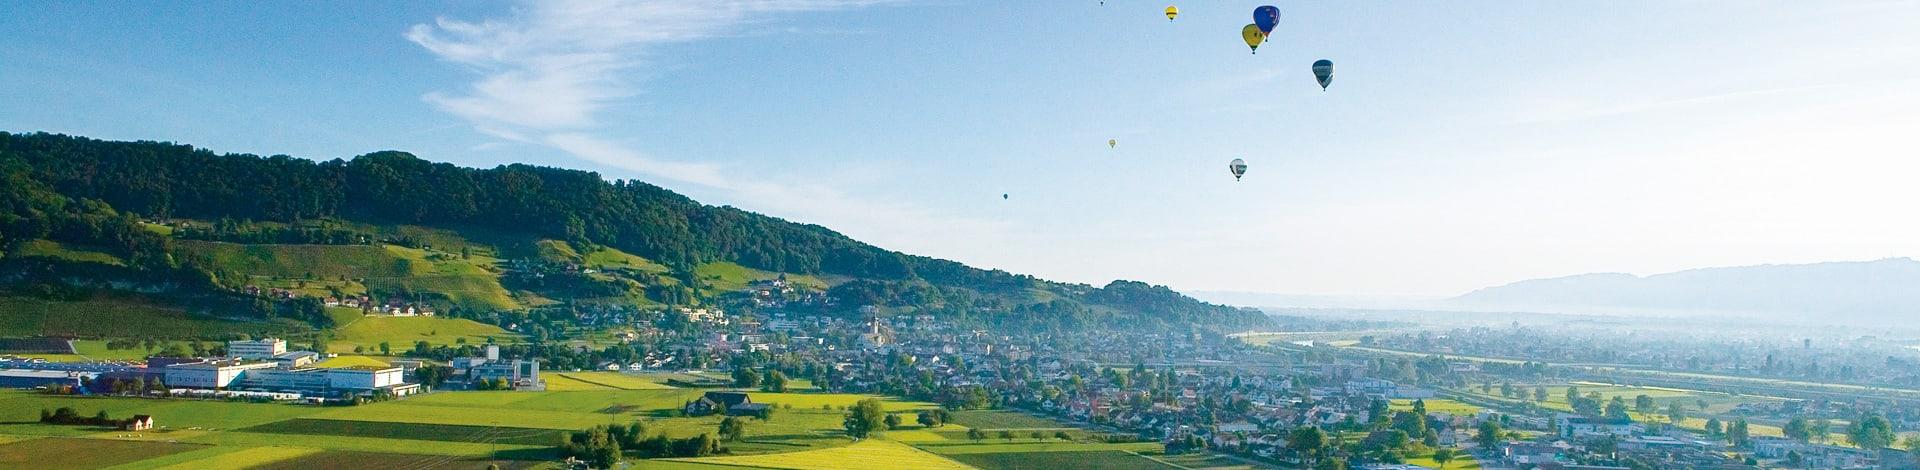 Aussicht auf Hügel und Stadt